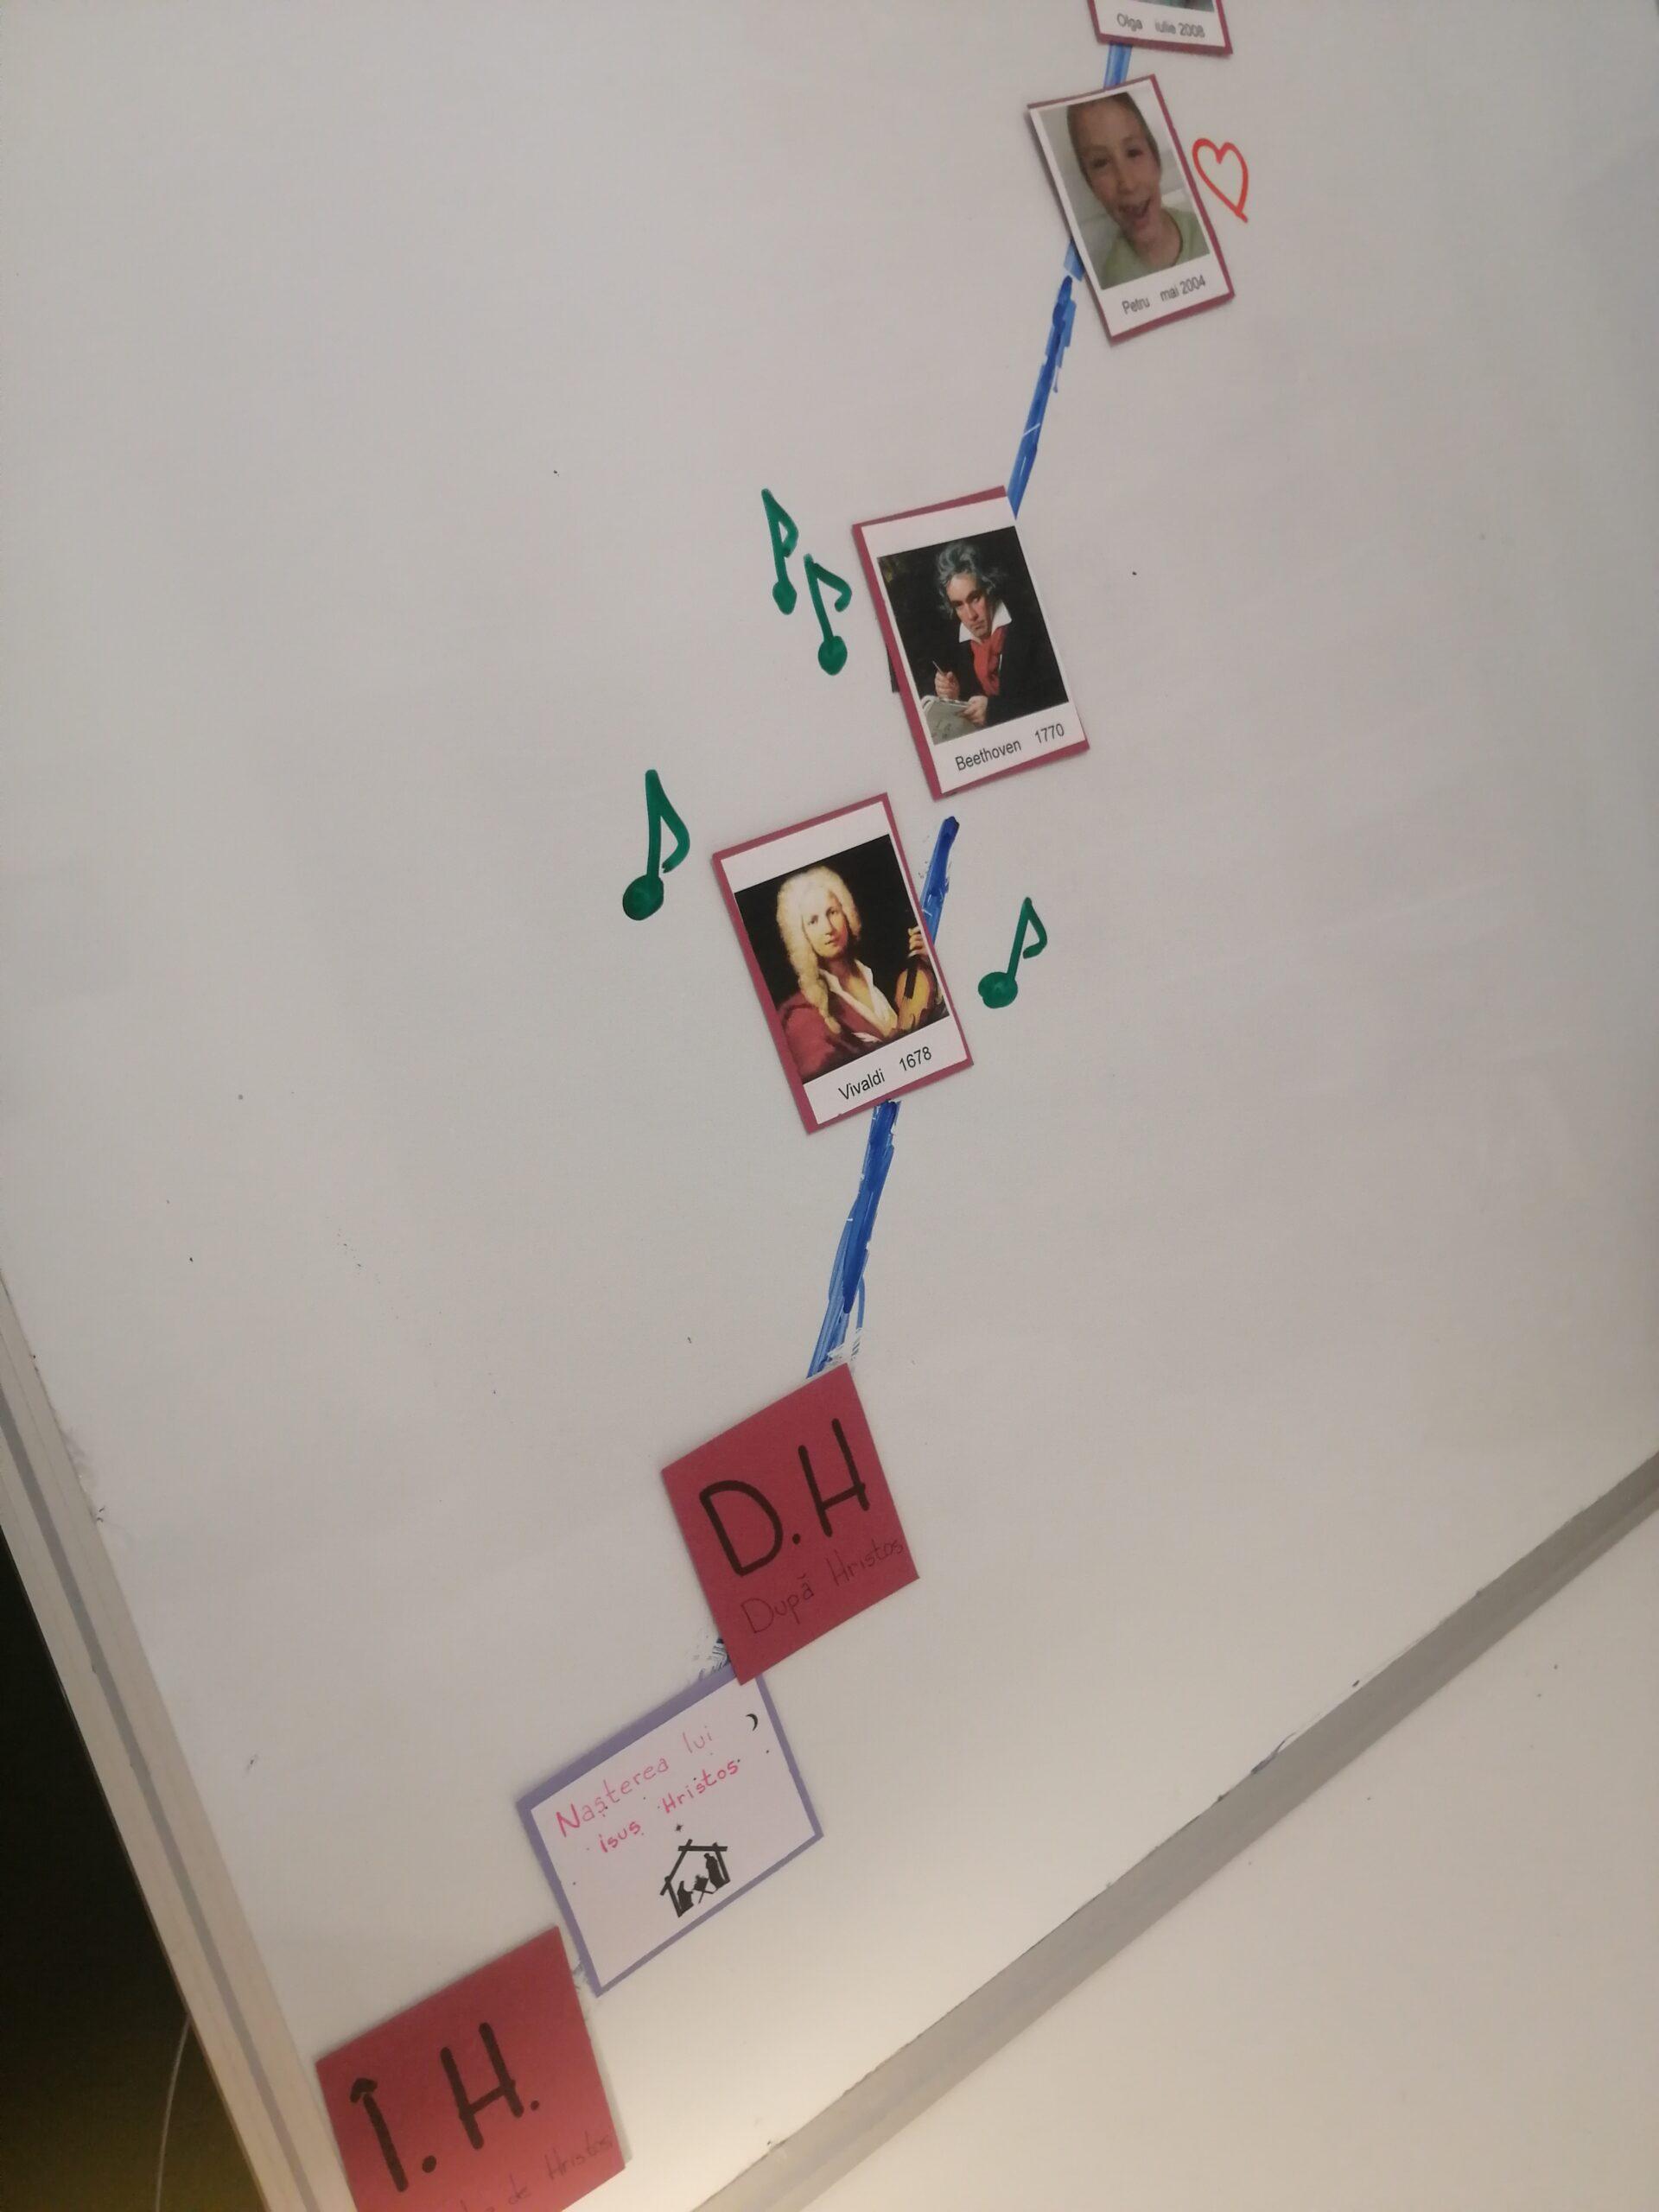 o scară a timpului, cartonașe pe scrie înainte de Hristos, nașterea lui Hristos, după hristos, portretul lui Vivaldi și Beethoven urcă progresiv în susul planșei